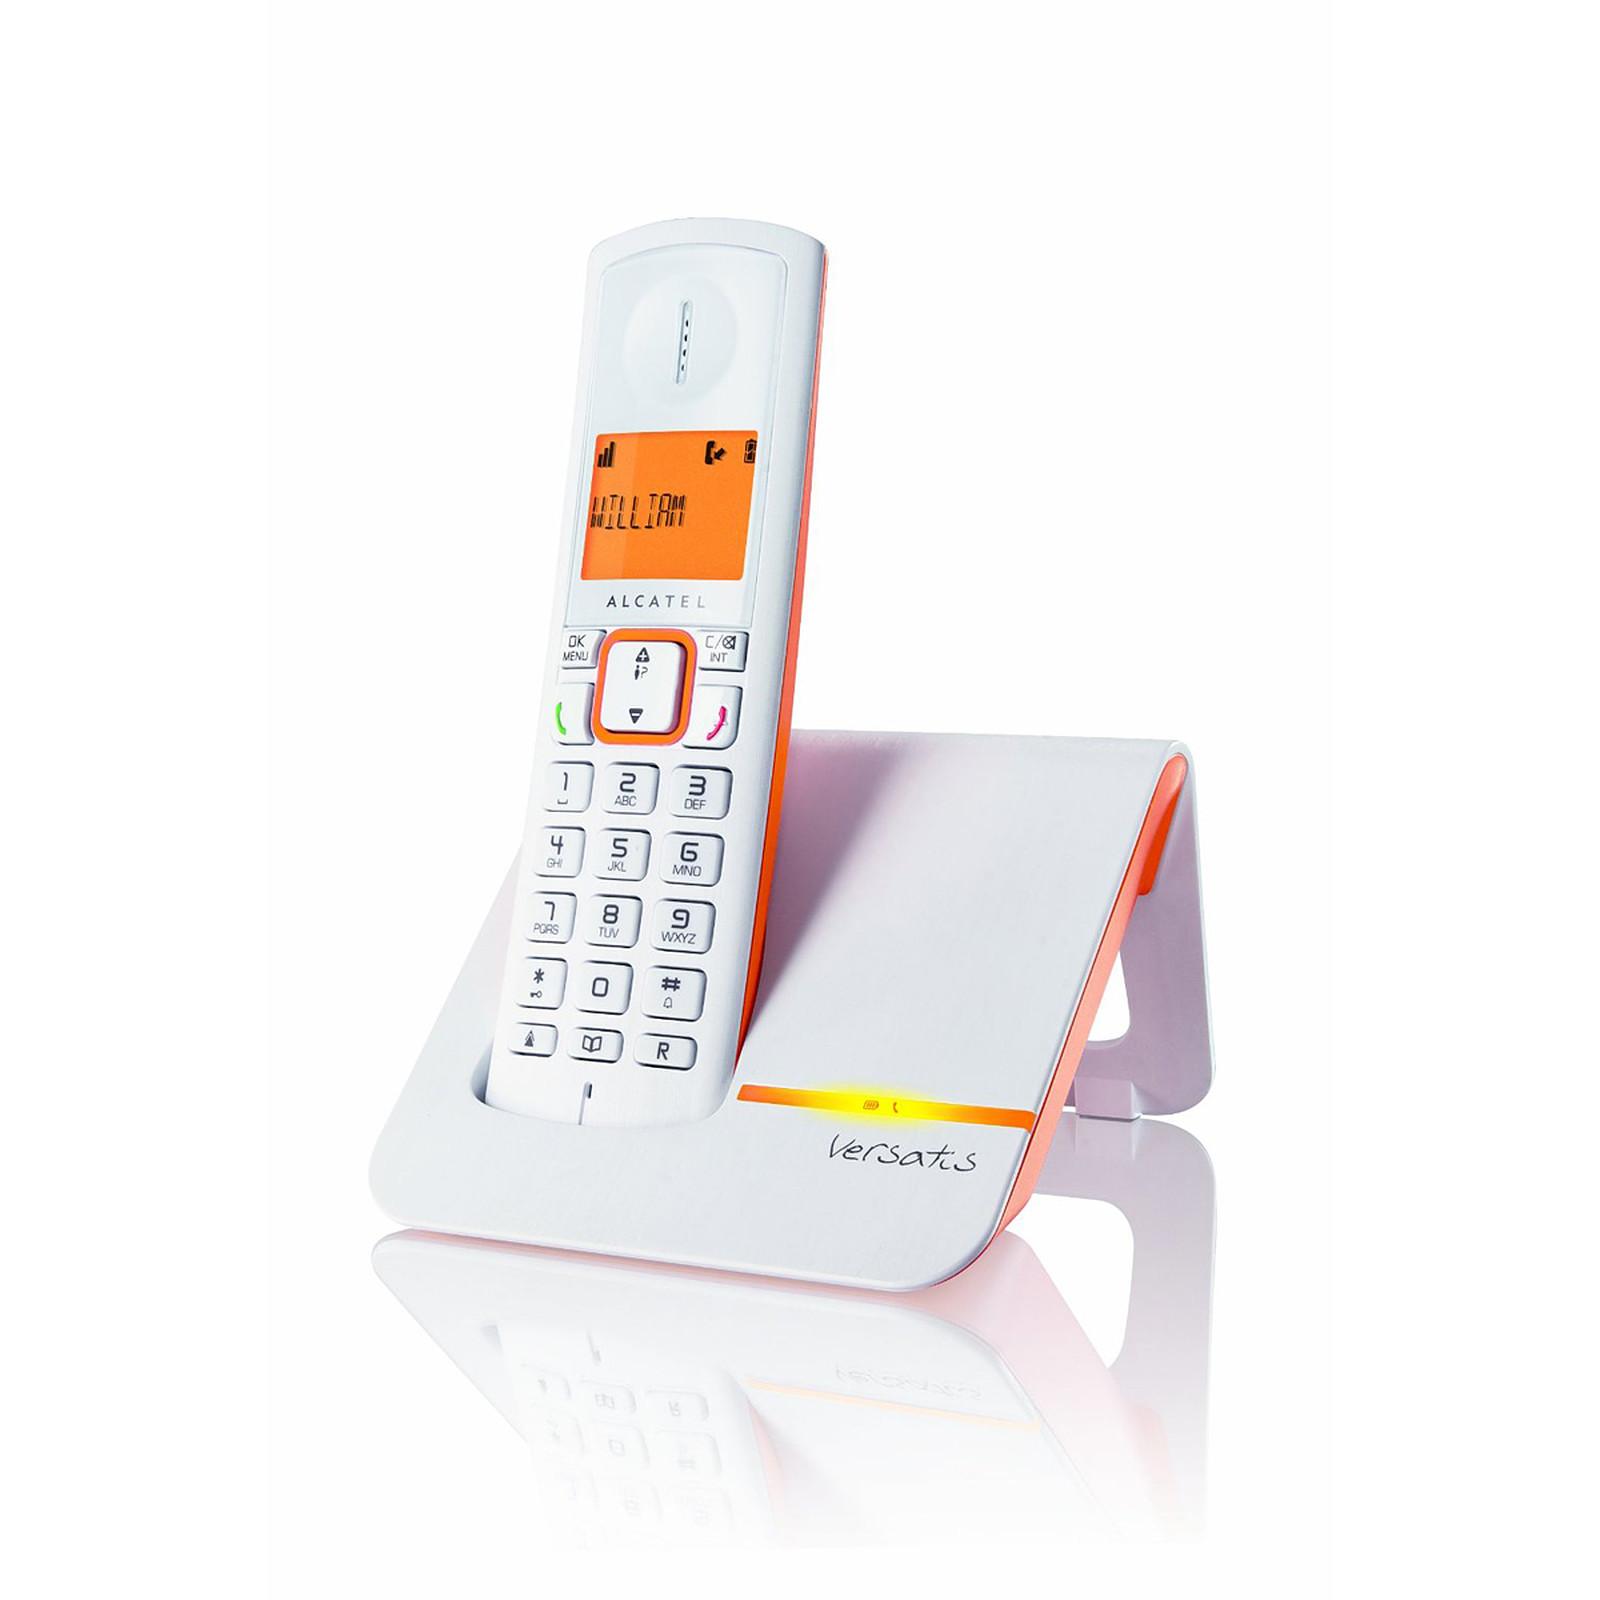 Alcatel Versatis F200 Orange